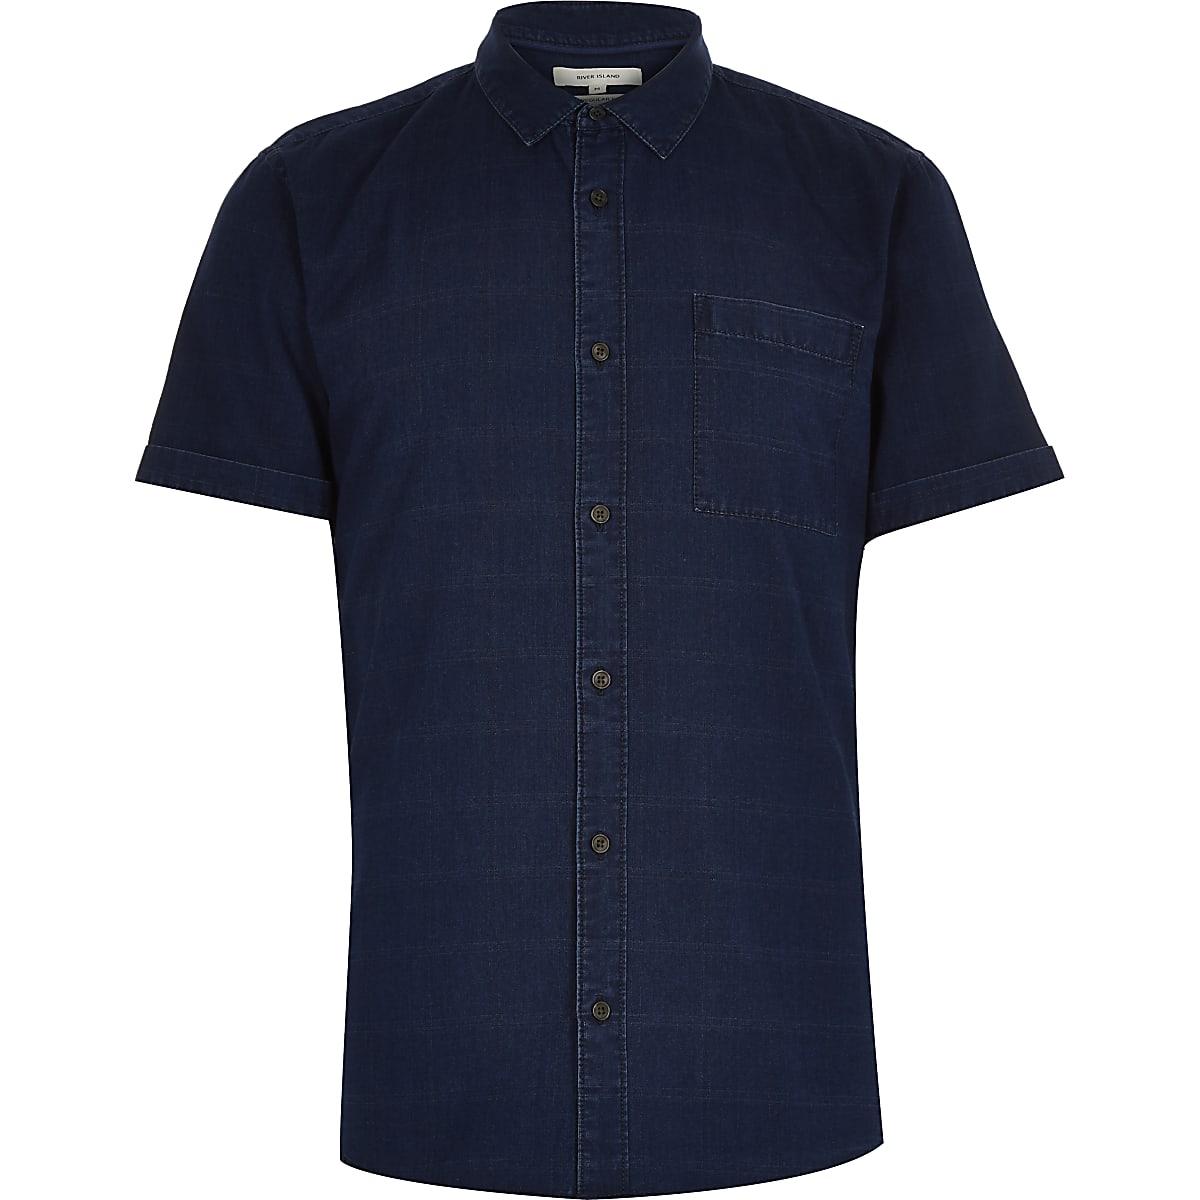 Chemise en jean imprimé quadrillage bleu marine à manches courtes